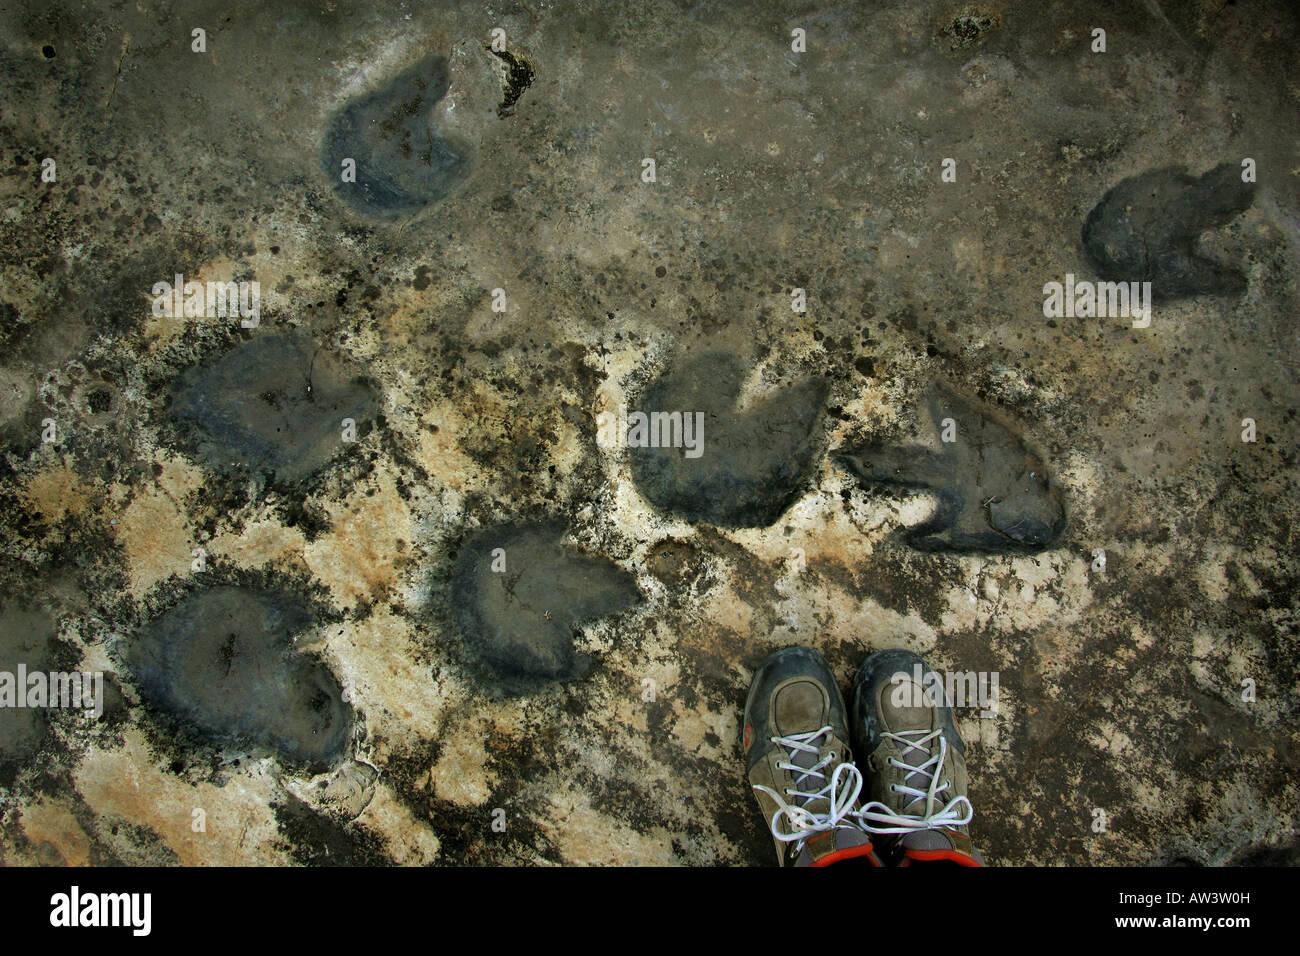 Dinosaur footprints at Tambuc, Spain. - Stock Image